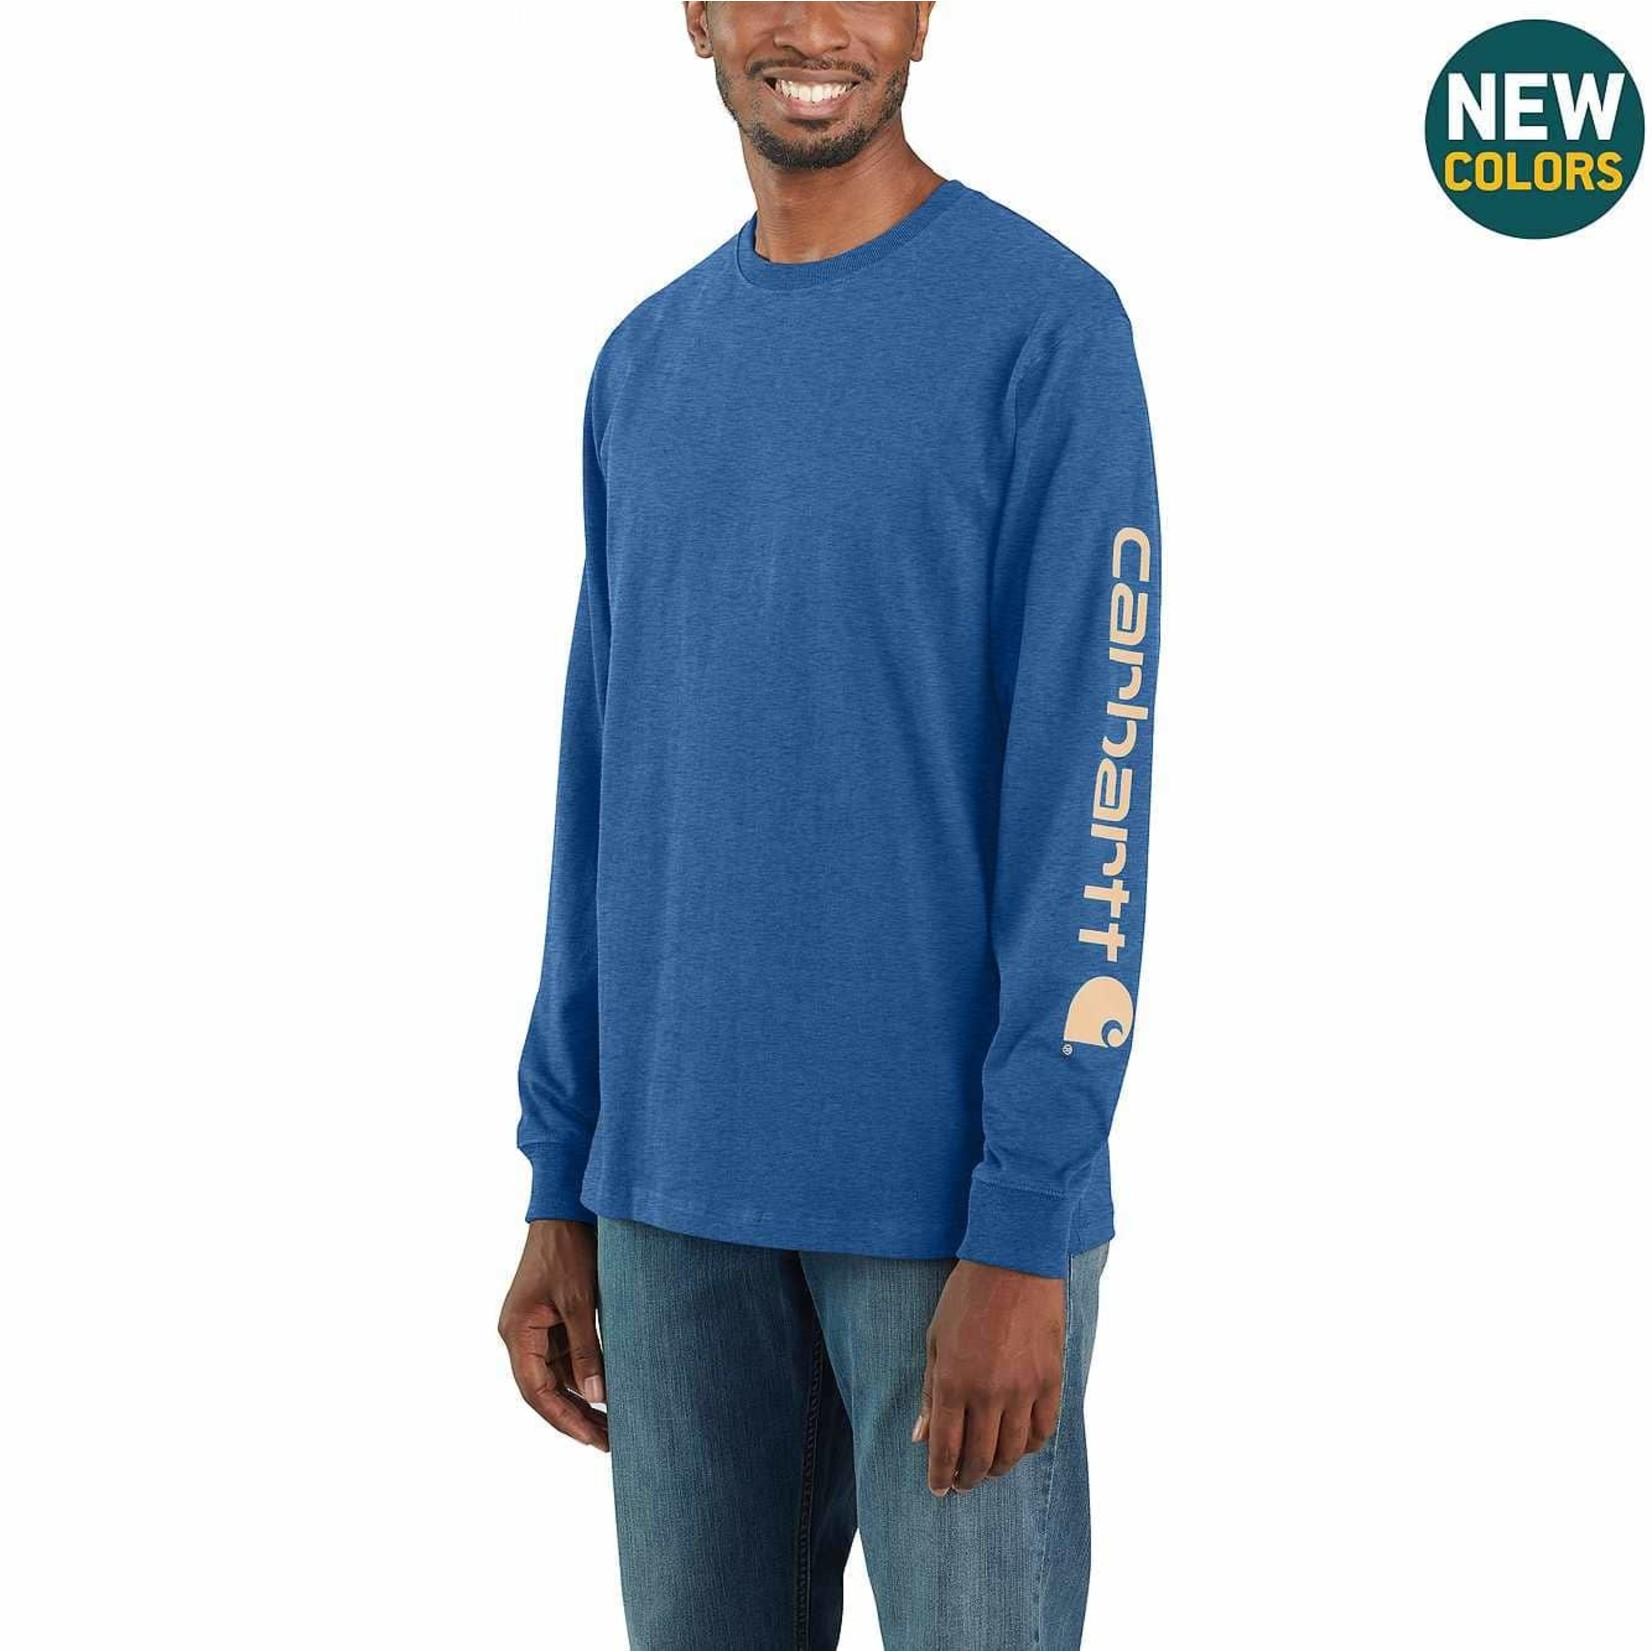 Carhartt Carhartt K231 Heavy Weight Long Sleeve Logo Sleeve T-shirt